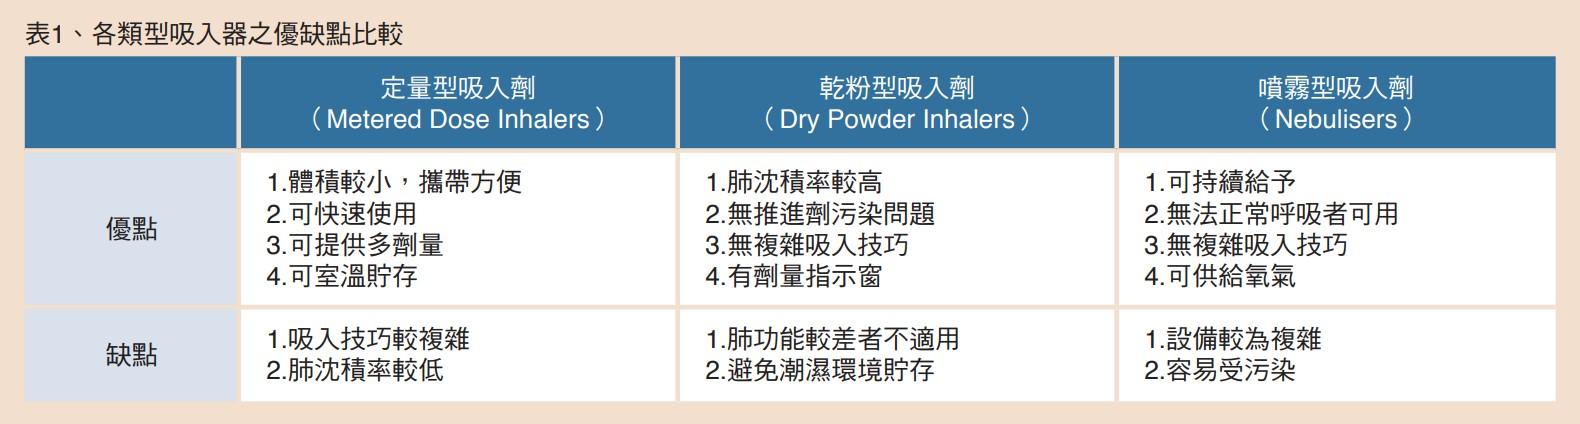 表1、各類型吸入器之優缺點比較